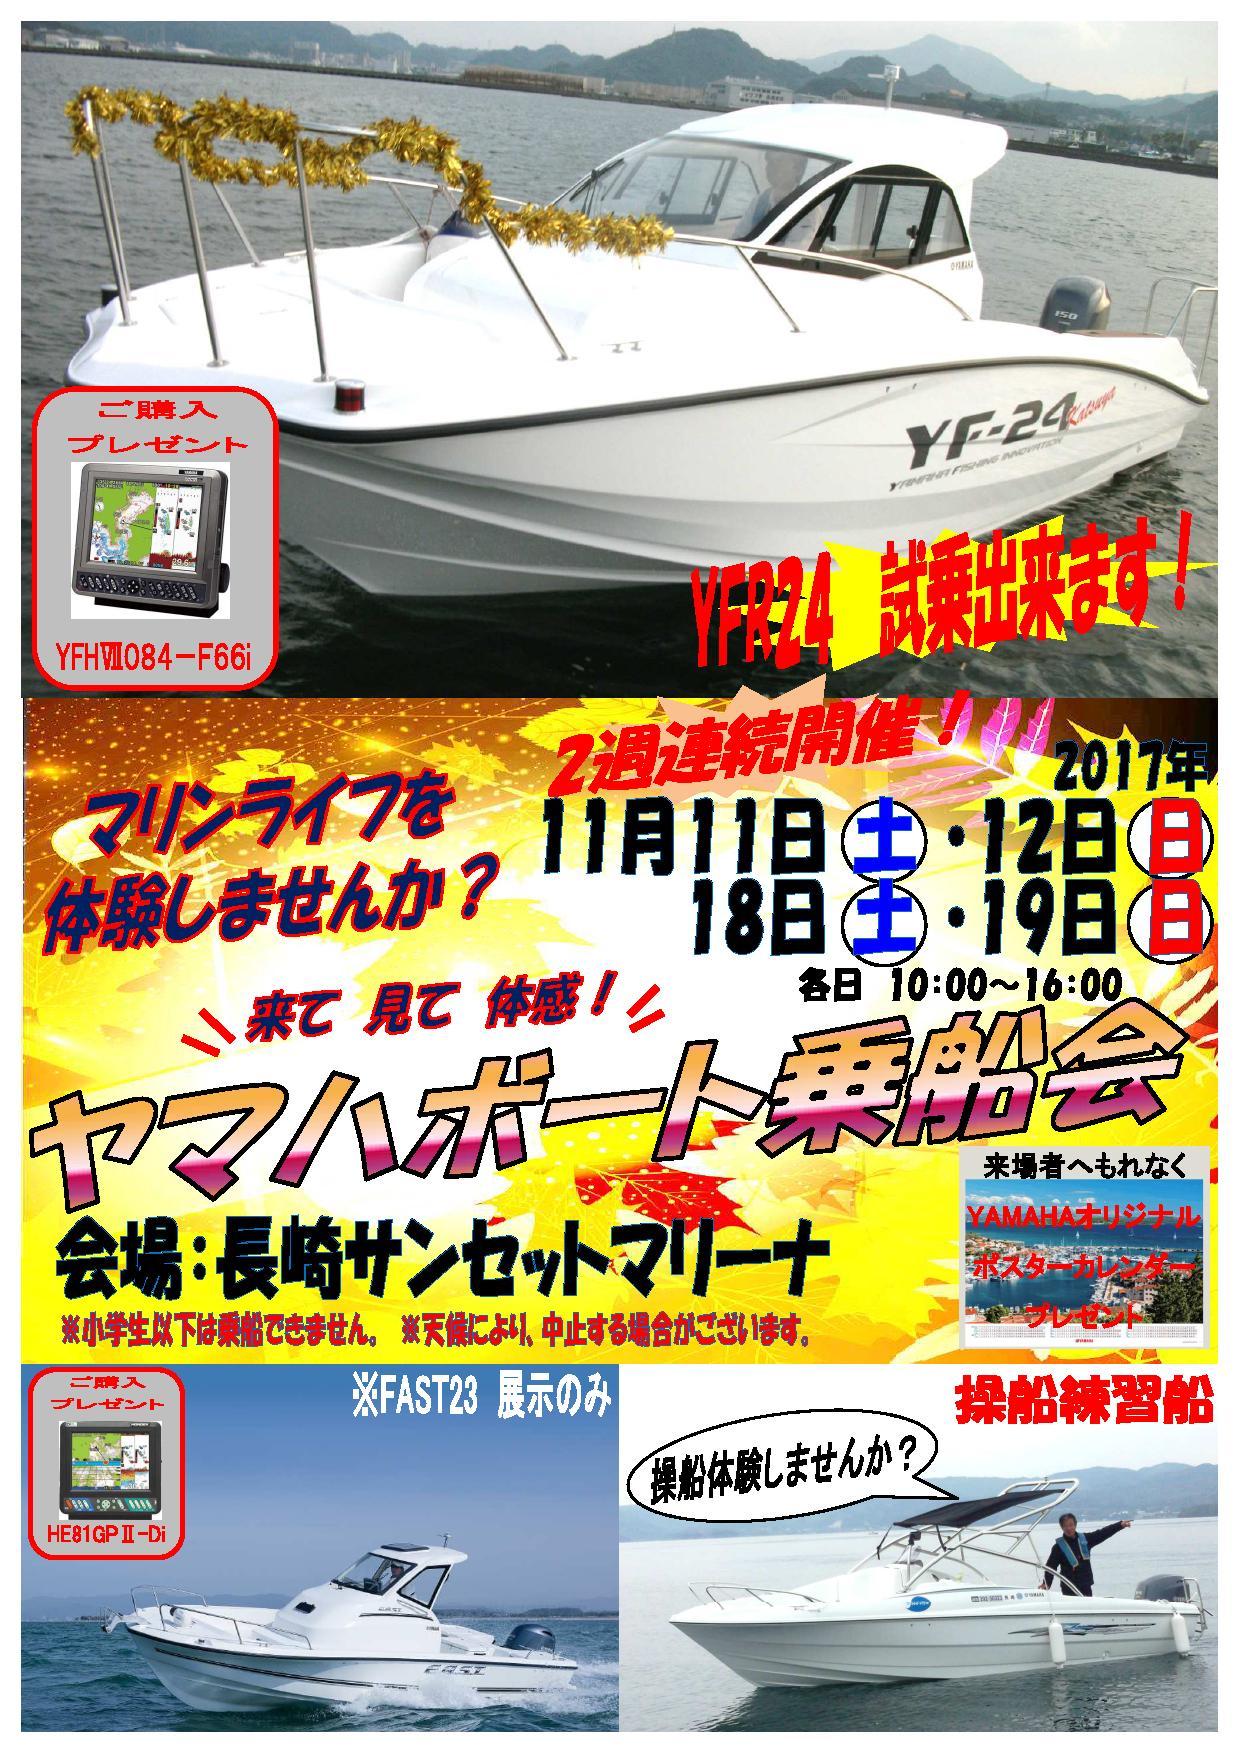 ボート乗船会 in長崎サンセットマリーナ